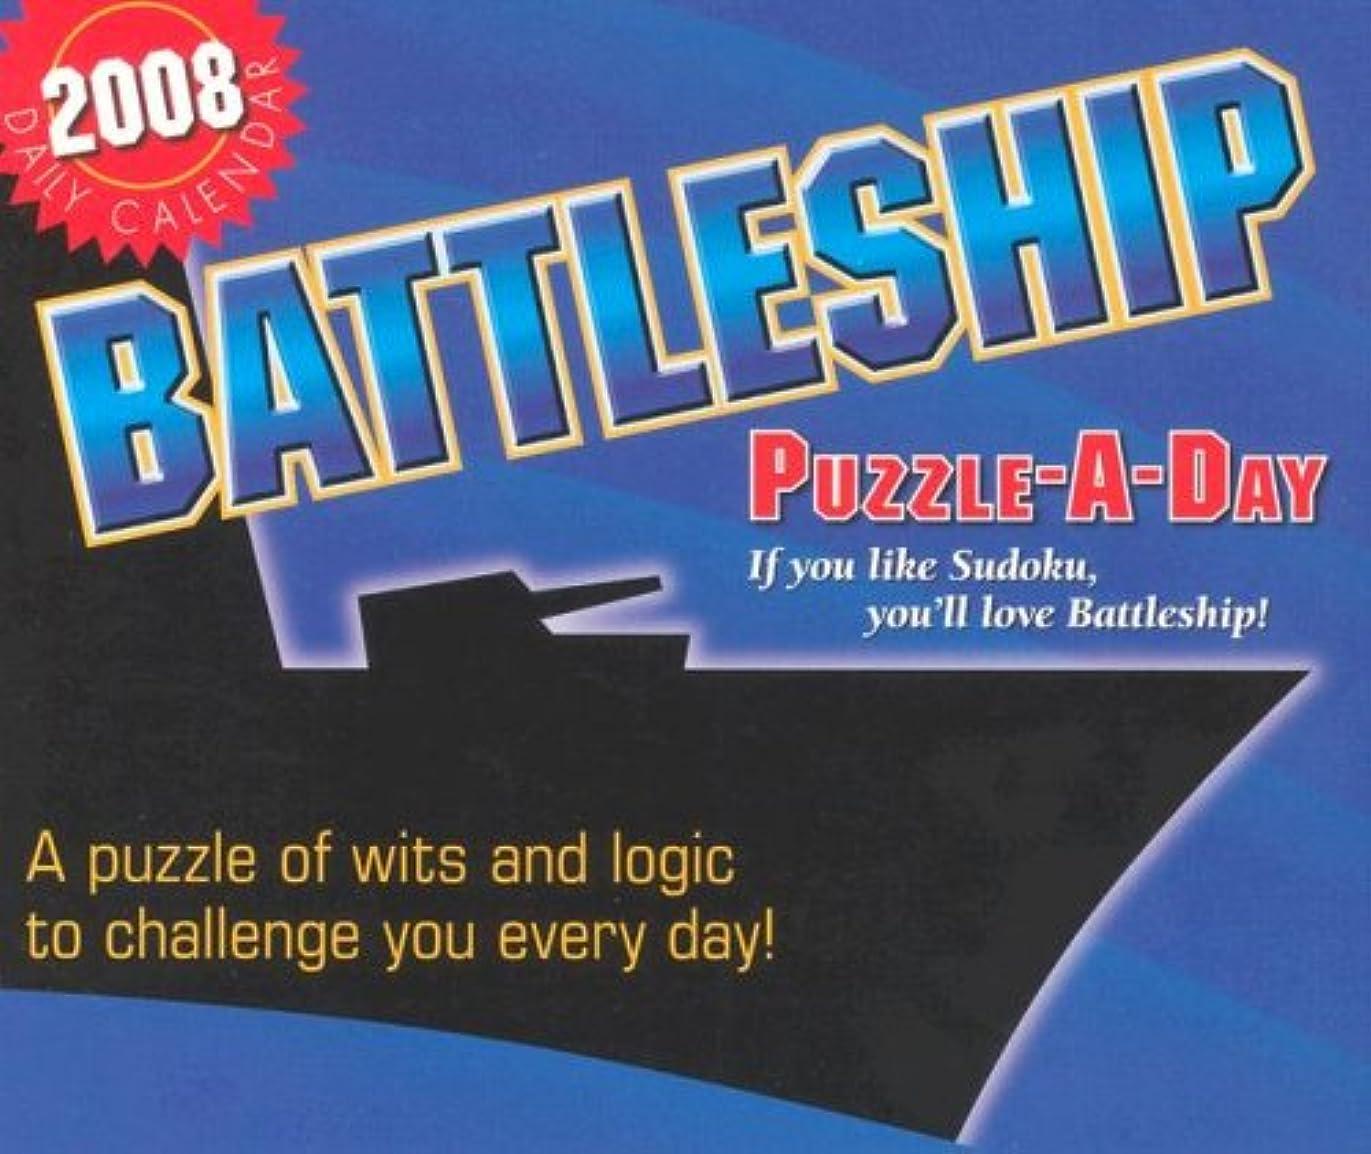 インキュバスレコーダースキッパーBattleship Puzzle-A-Day 2008 Calendar